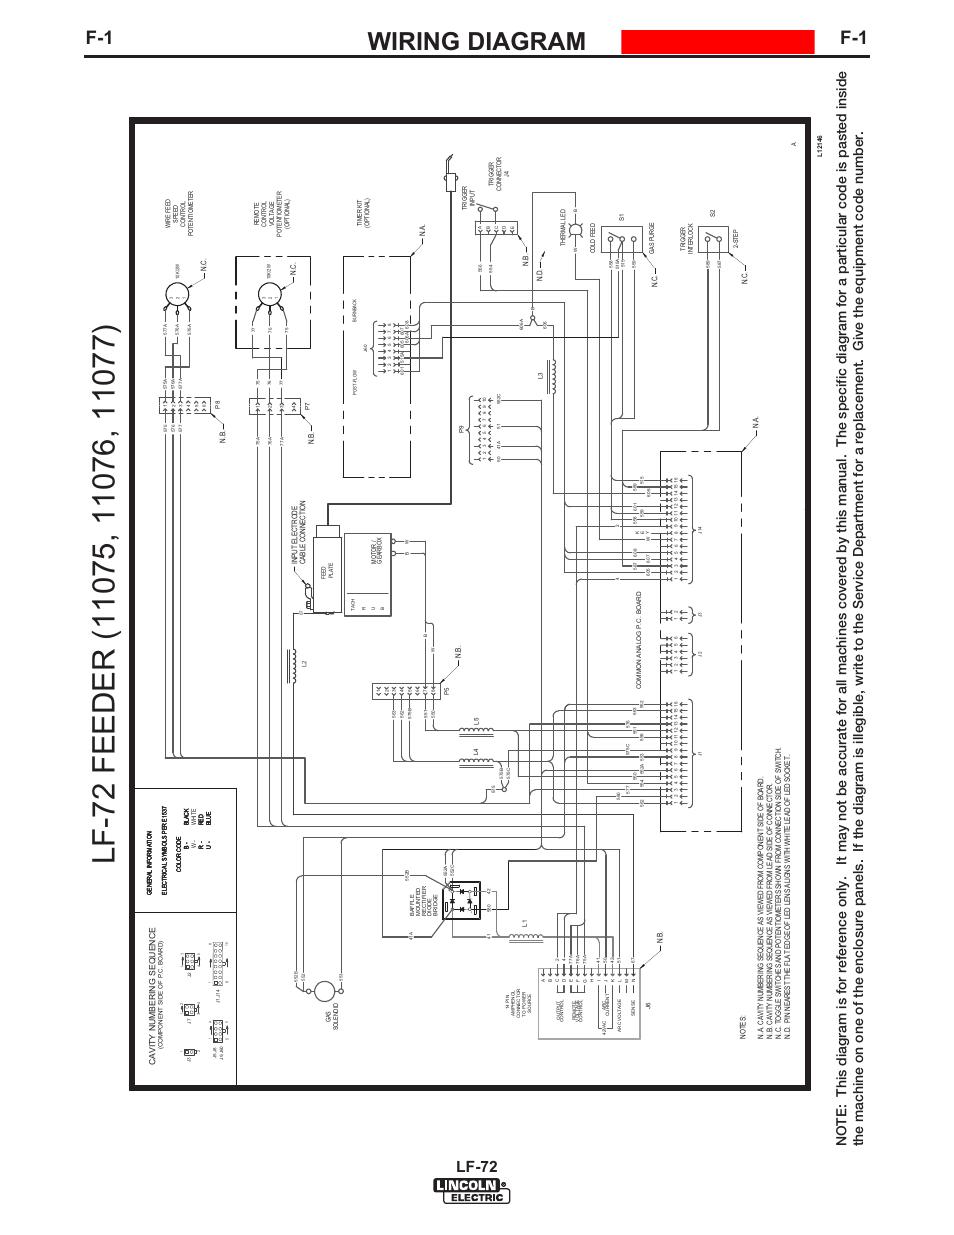 Wiring diagram, Lf-72, Enhanced diagram | Lincoln Electric IM847 LF-72